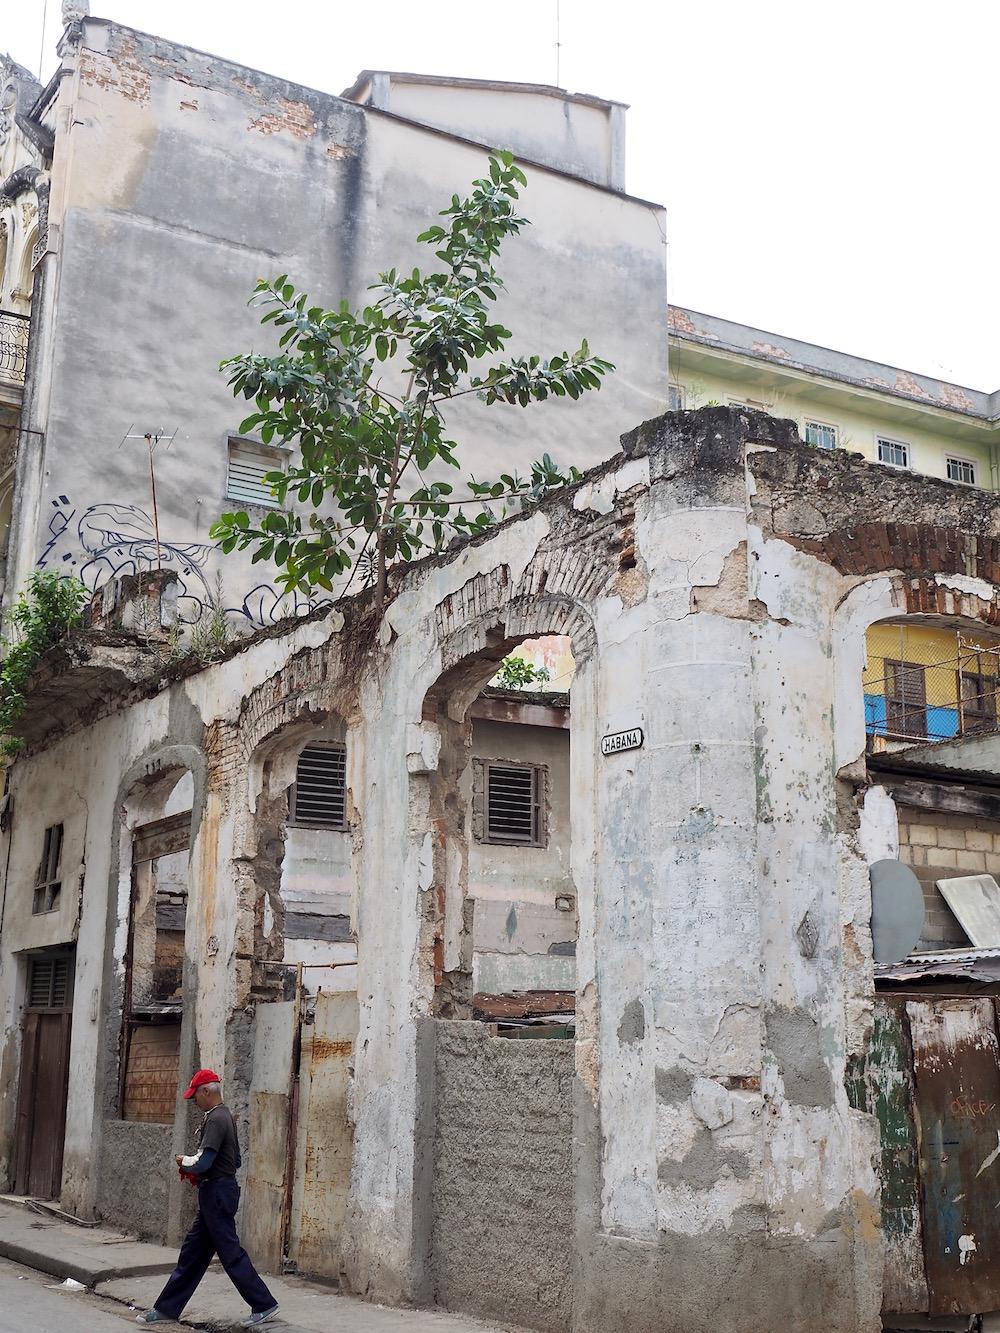 3 jours à la Havane - La Habana Vieja